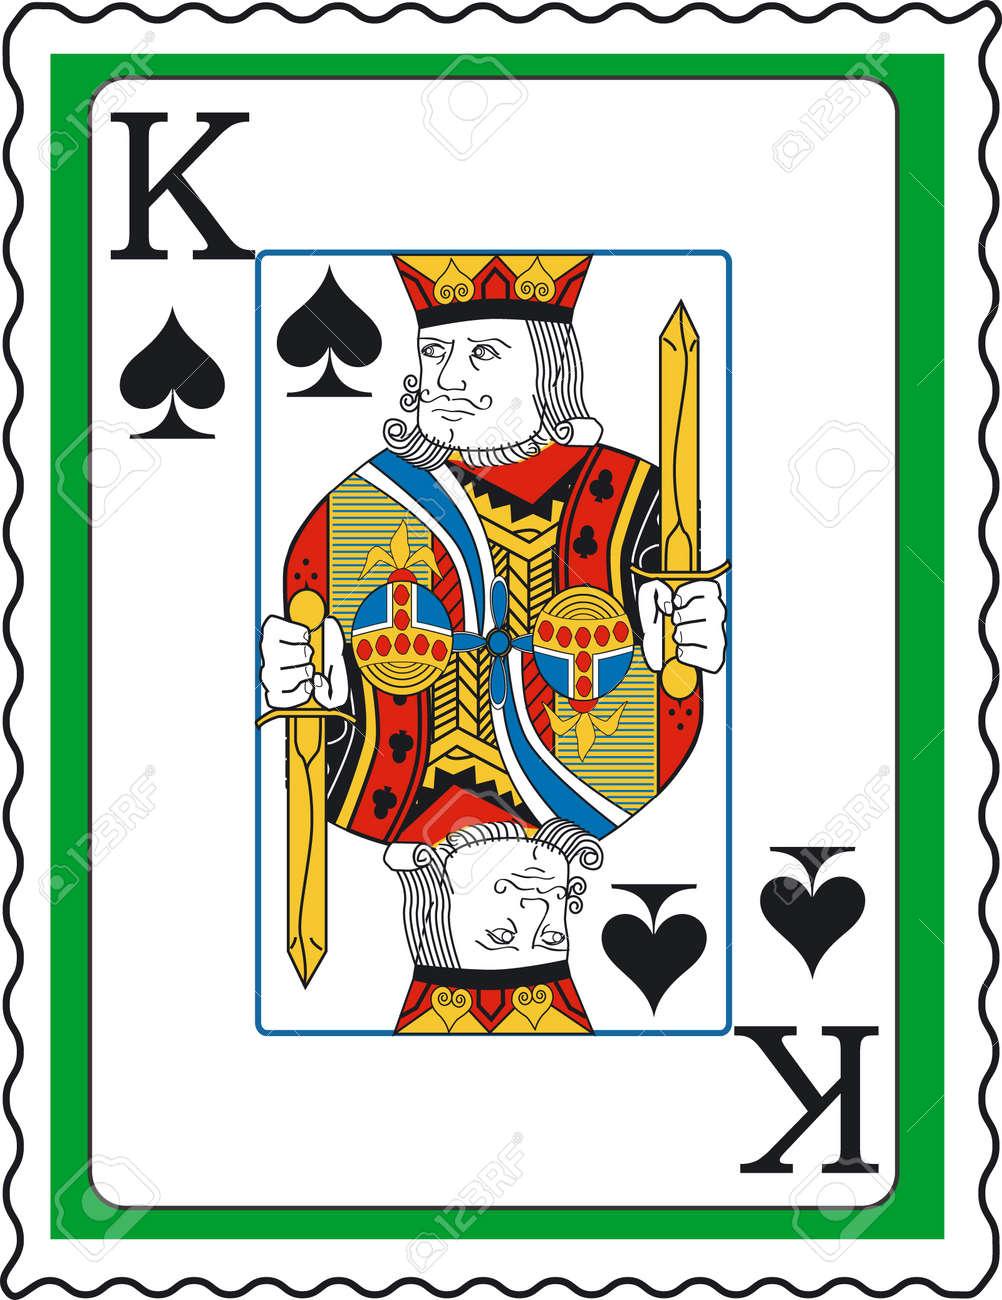 キング スペード の